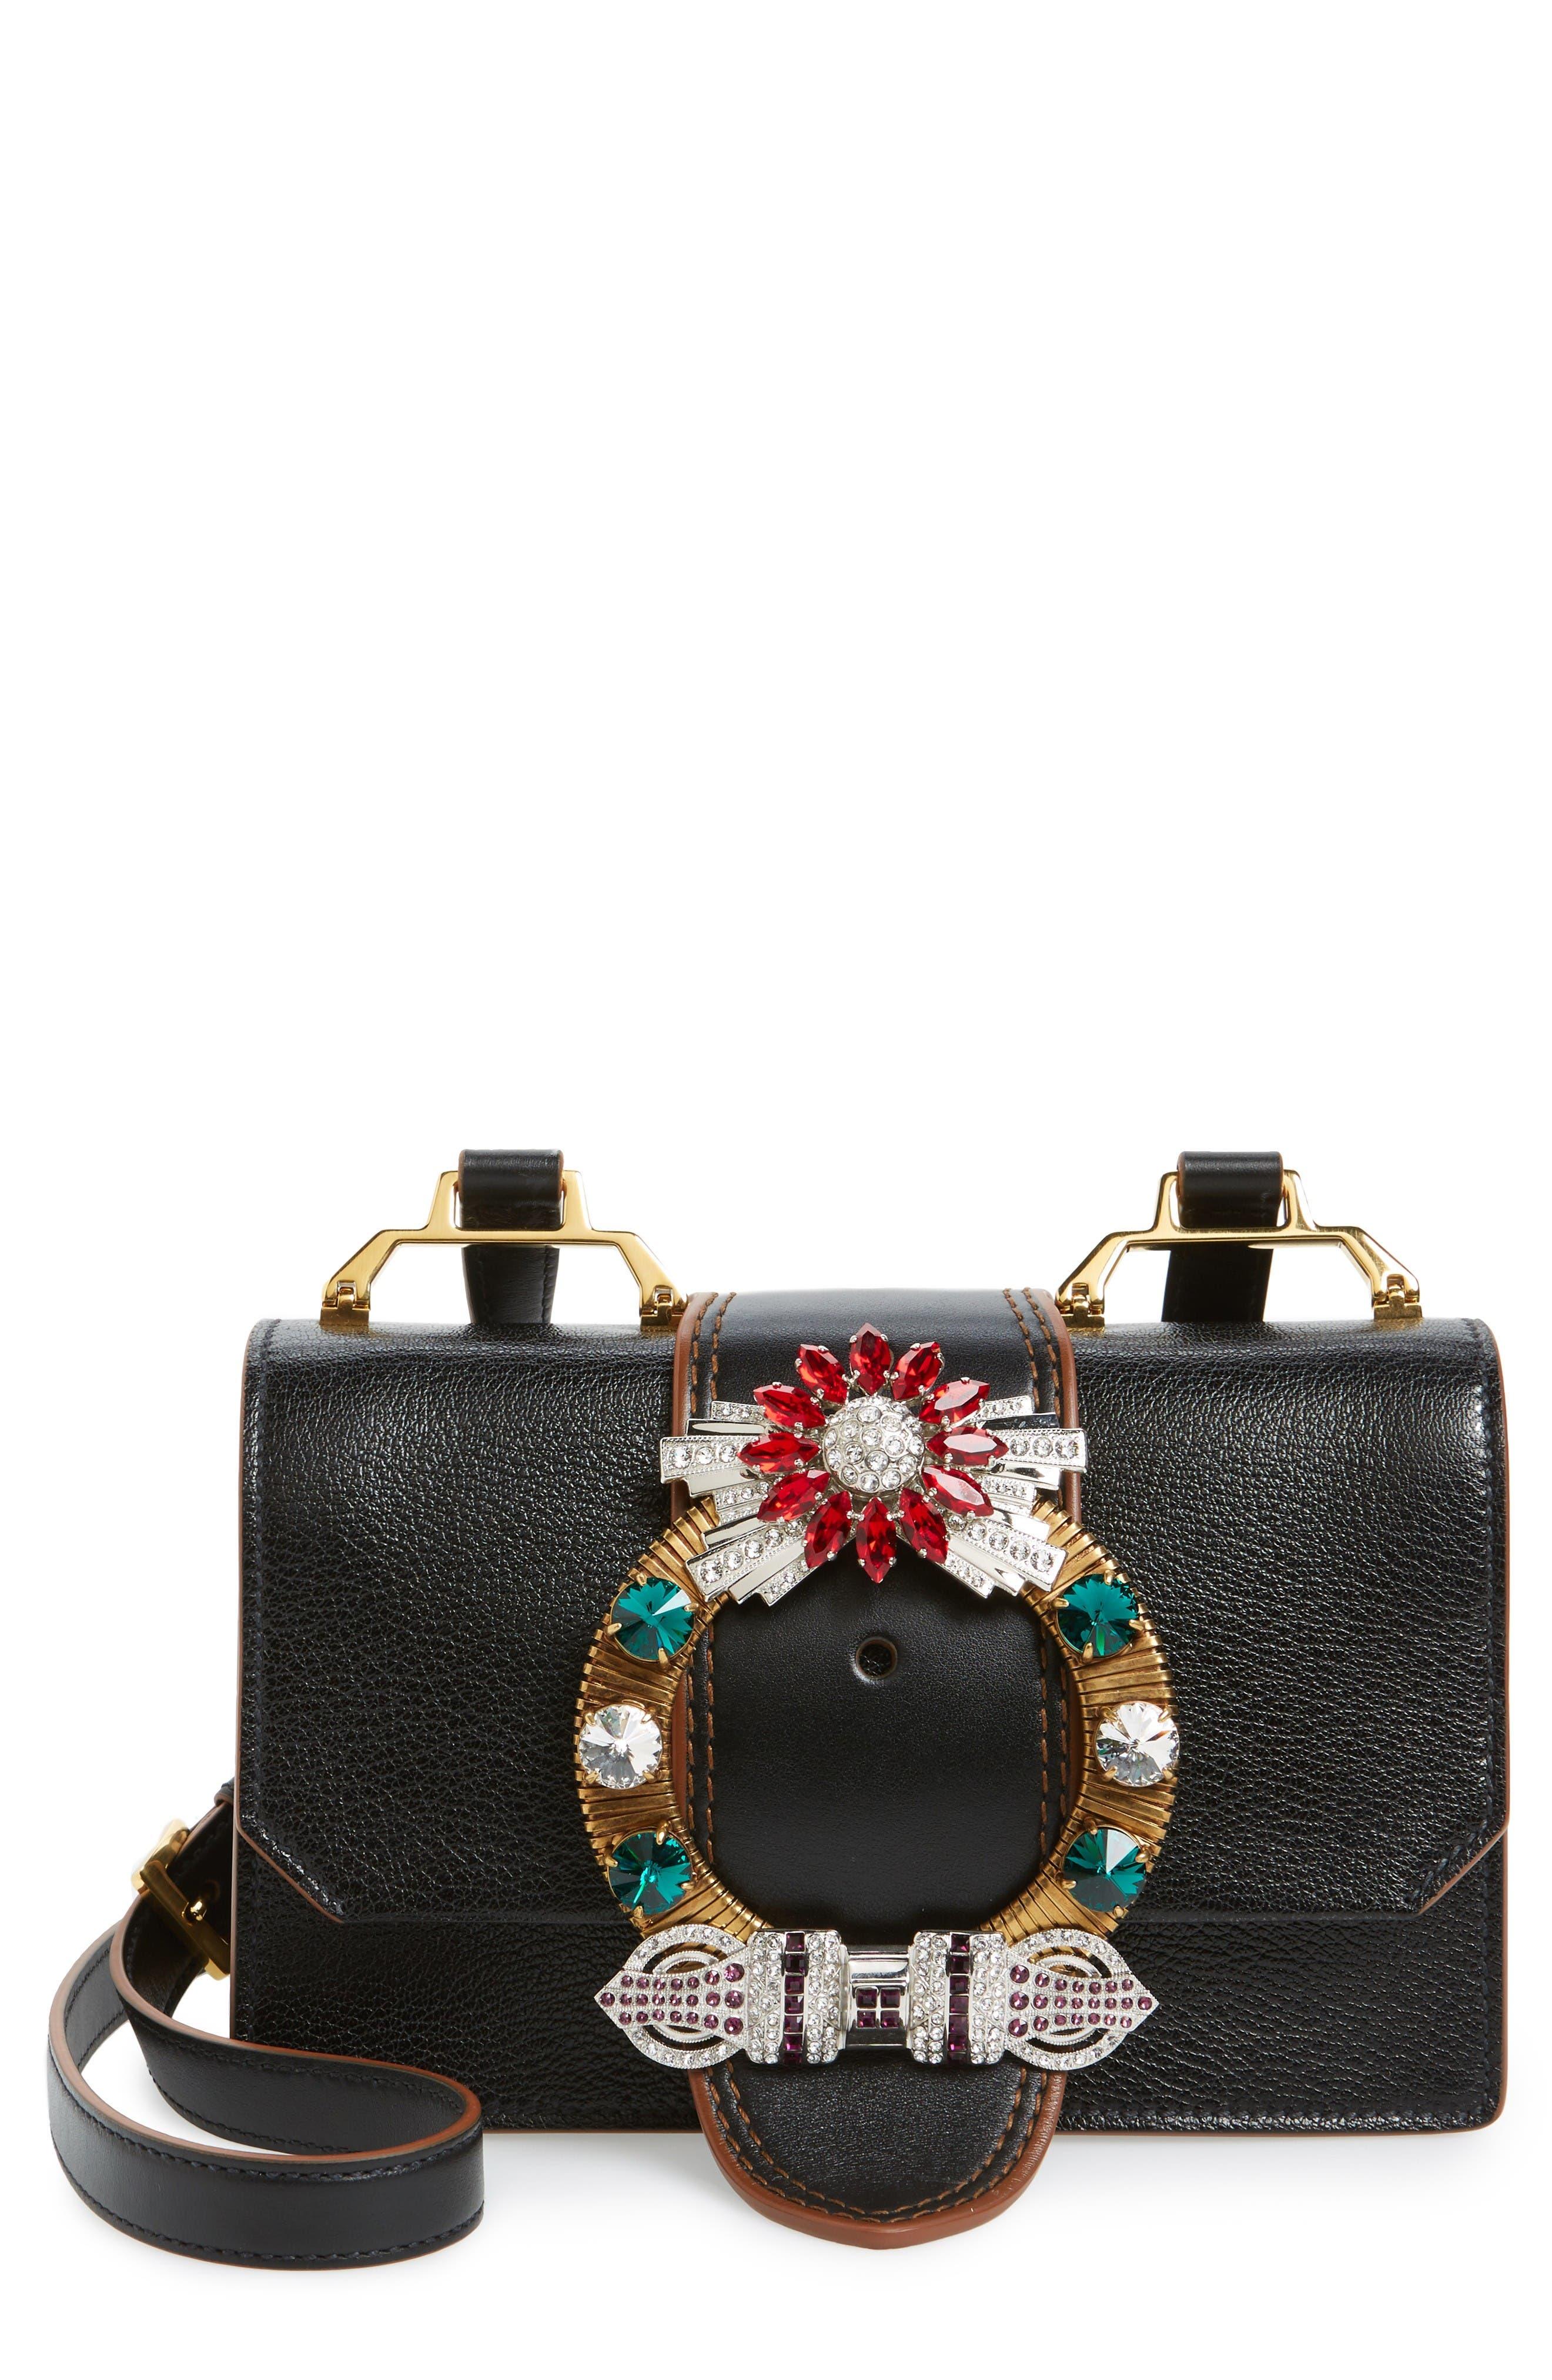 Miu Miu Madras Crystal Embellished Leather Shoulder Bag